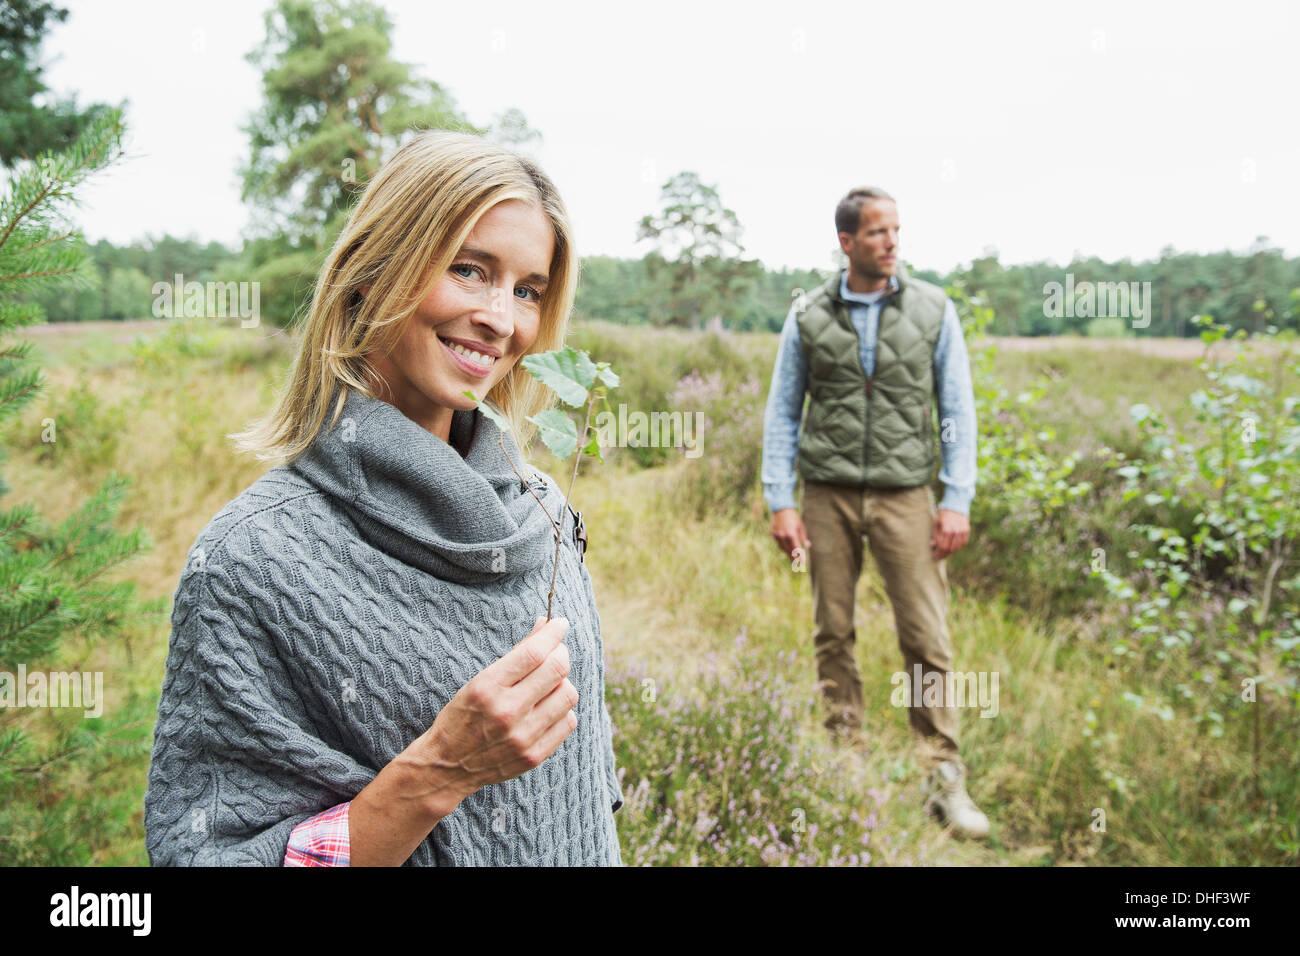 Metà donna adulta holding foglia, uomo in background Immagini Stock